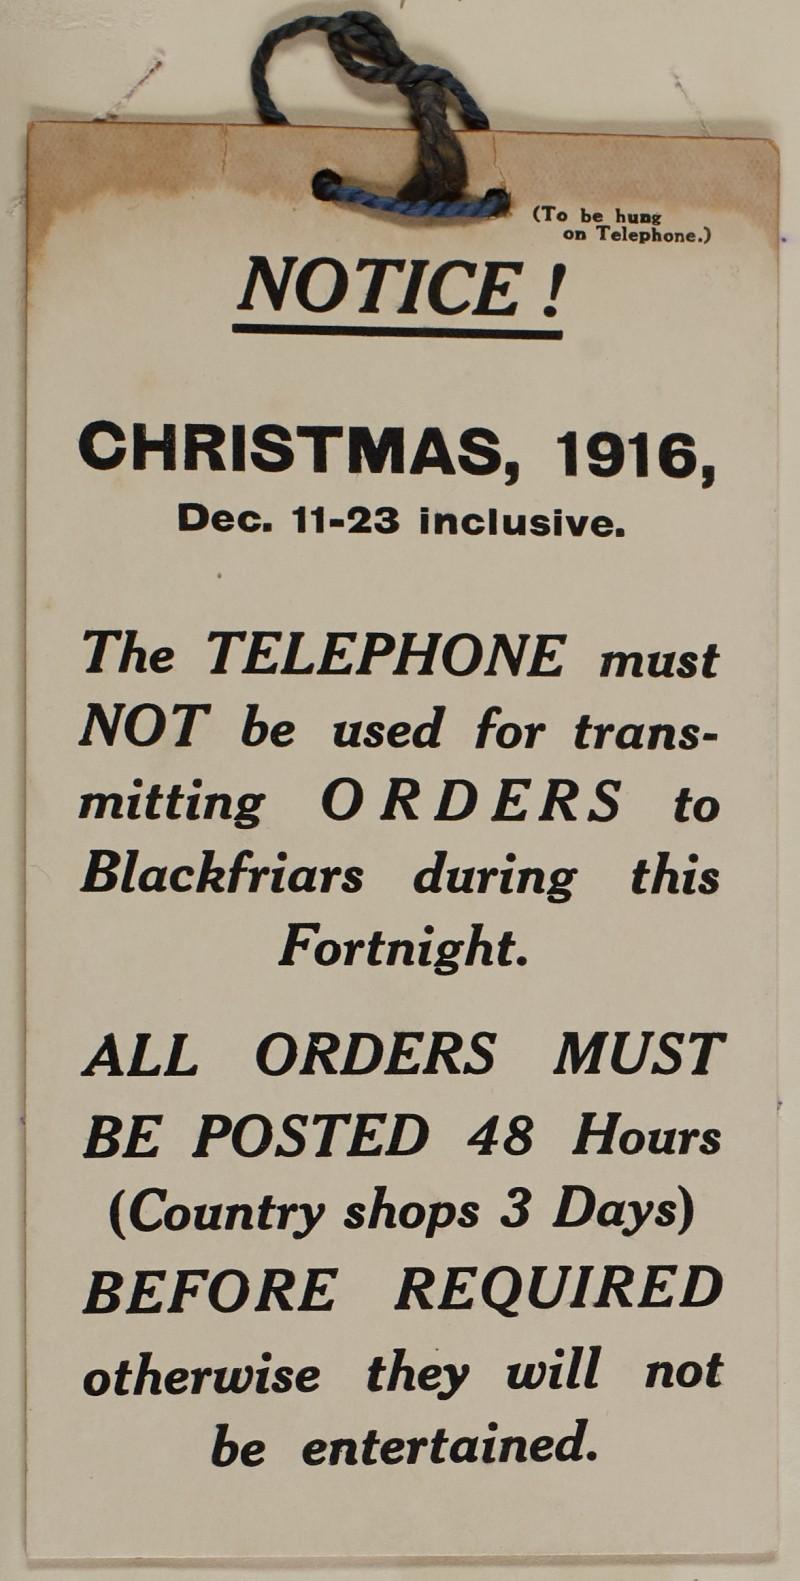 SA/MARK/ADV/1/1/1/1/1/6/1/51 - Christmas orders notice, 1916